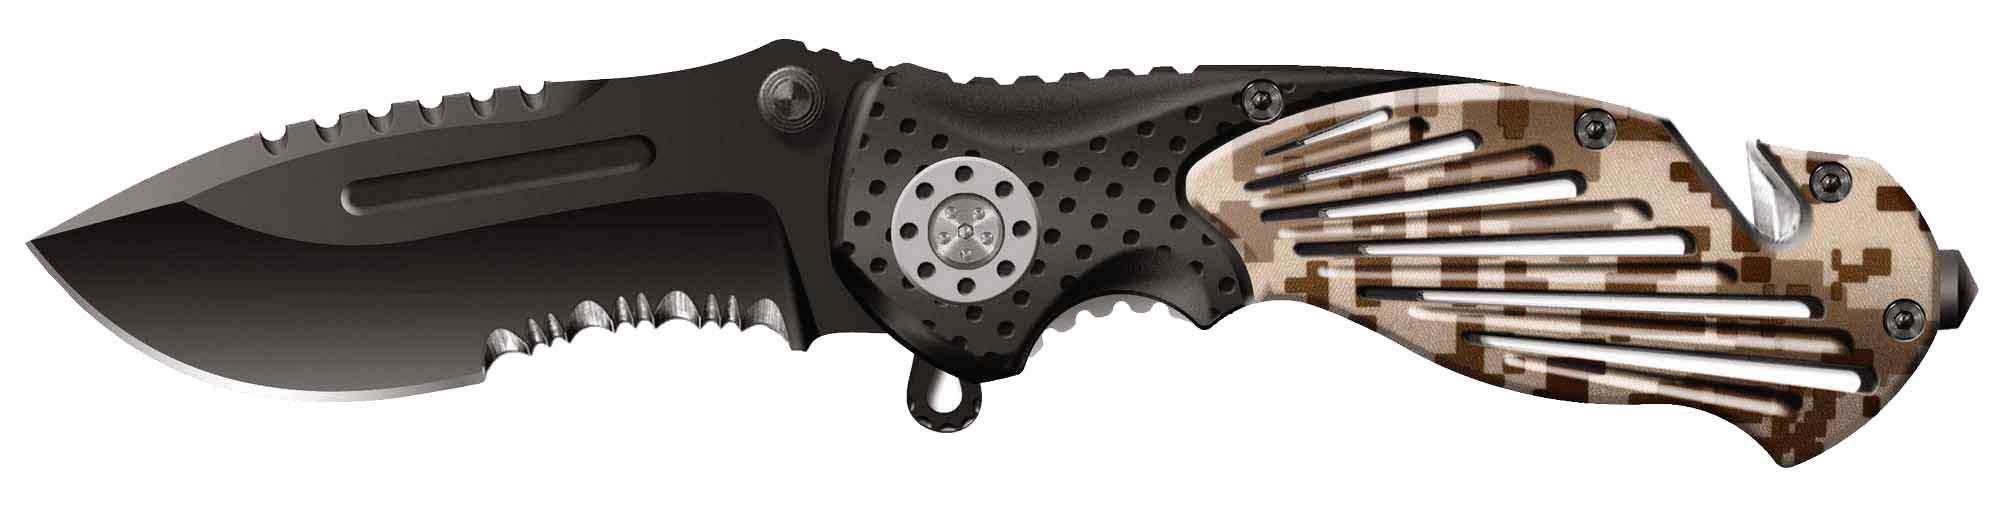 Нож складной Stinger, 84 мм (черный), рукоять: сталь/алюминий (камуфляж+черный), коробка картон23 февраля<br>Нож складной Stinger, 84 мм (черный), рукоять: сталь/алюминий (камуфляж+черный), коробка картон<br>